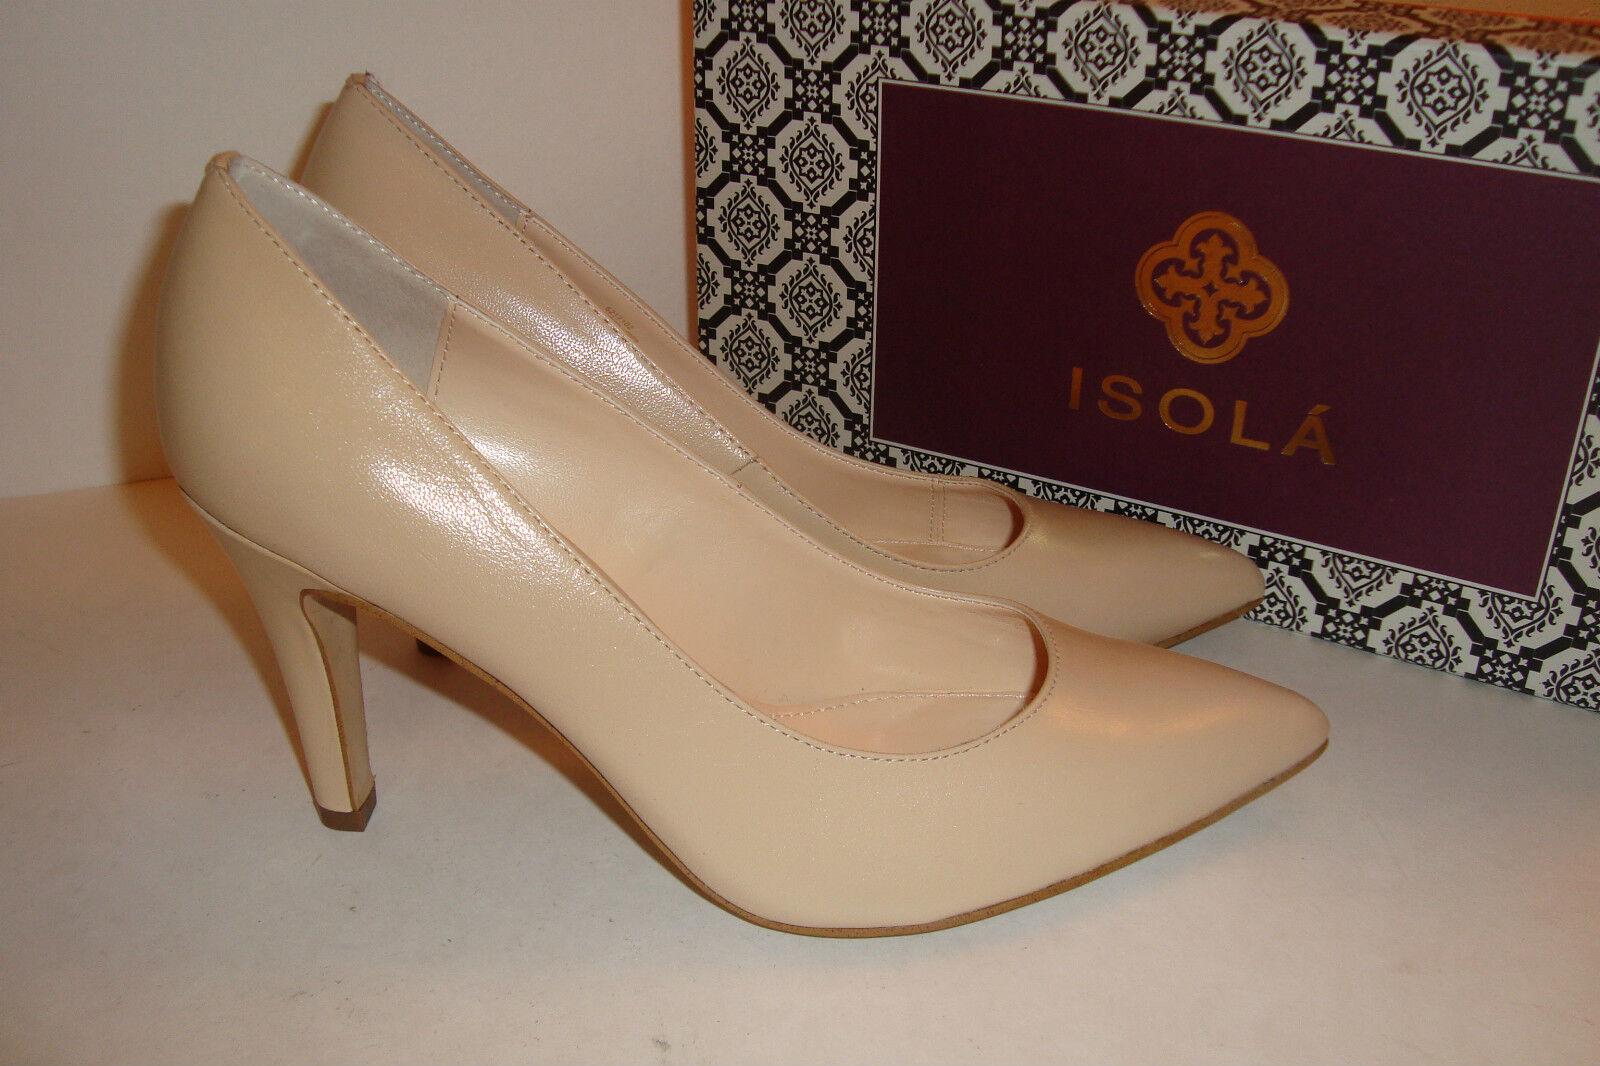 liquidazione fino al 70% Isola donna NWB 6217102 Jolie Ivory Leather Pumps scarpe Dimensione Dimensione Dimensione 10 MED NEW  outlet in vendita